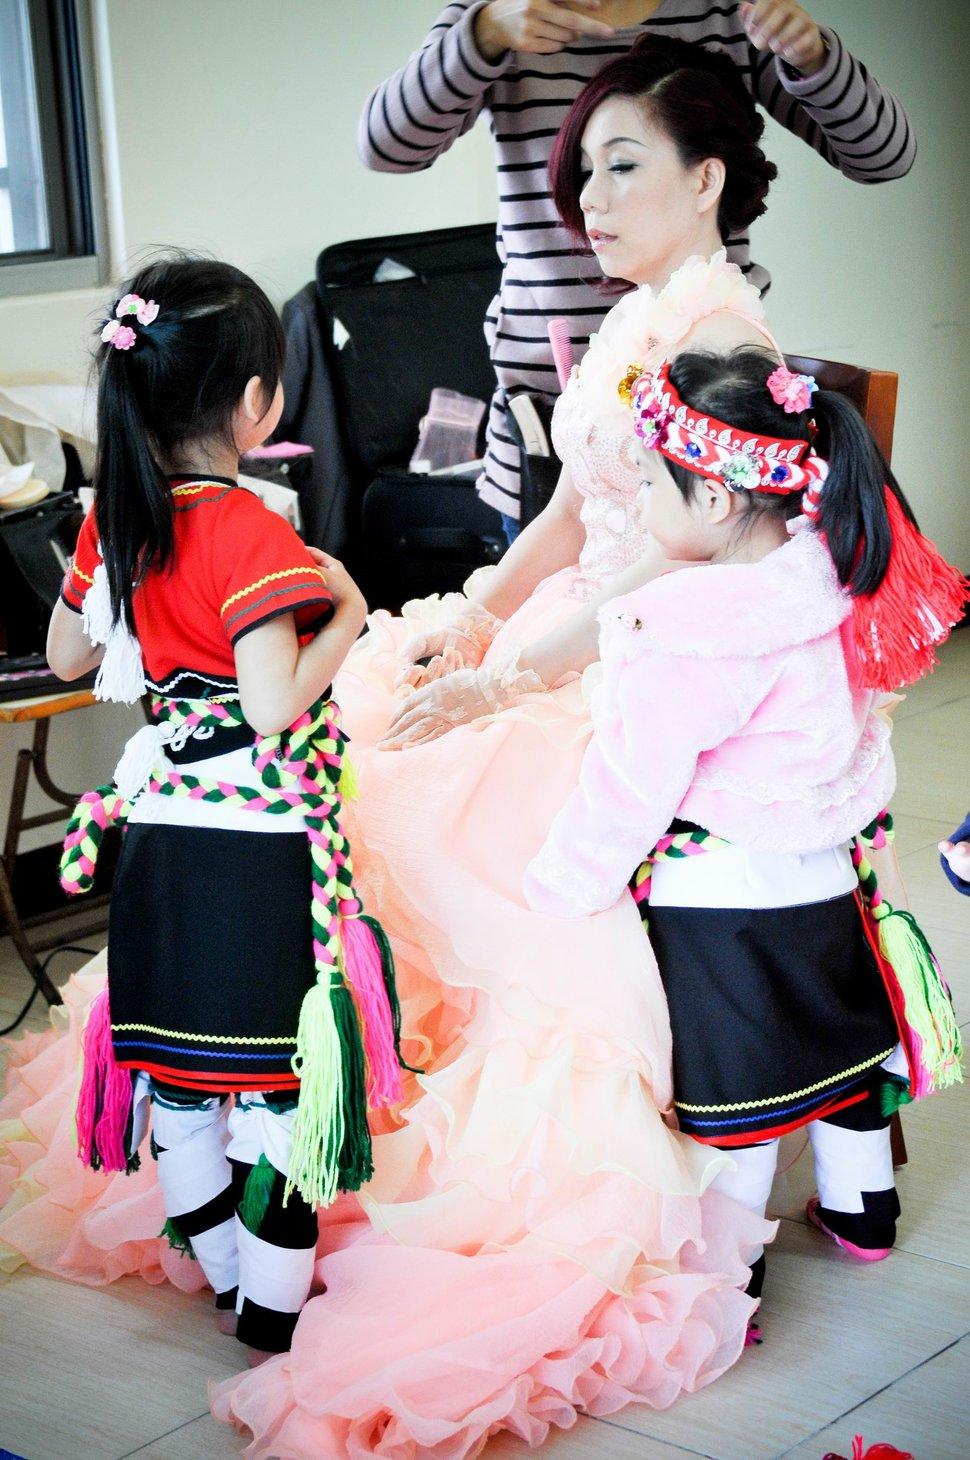 台東自宅阿美族婚禮紀錄結婚迎娶婚禮記錄動態微電影錄影專業錄影平面攝影婚紗攝攝影婚禮主持人(編號:159960) - 蜜月拍照10800錄影12800攝影團隊 - 結婚吧